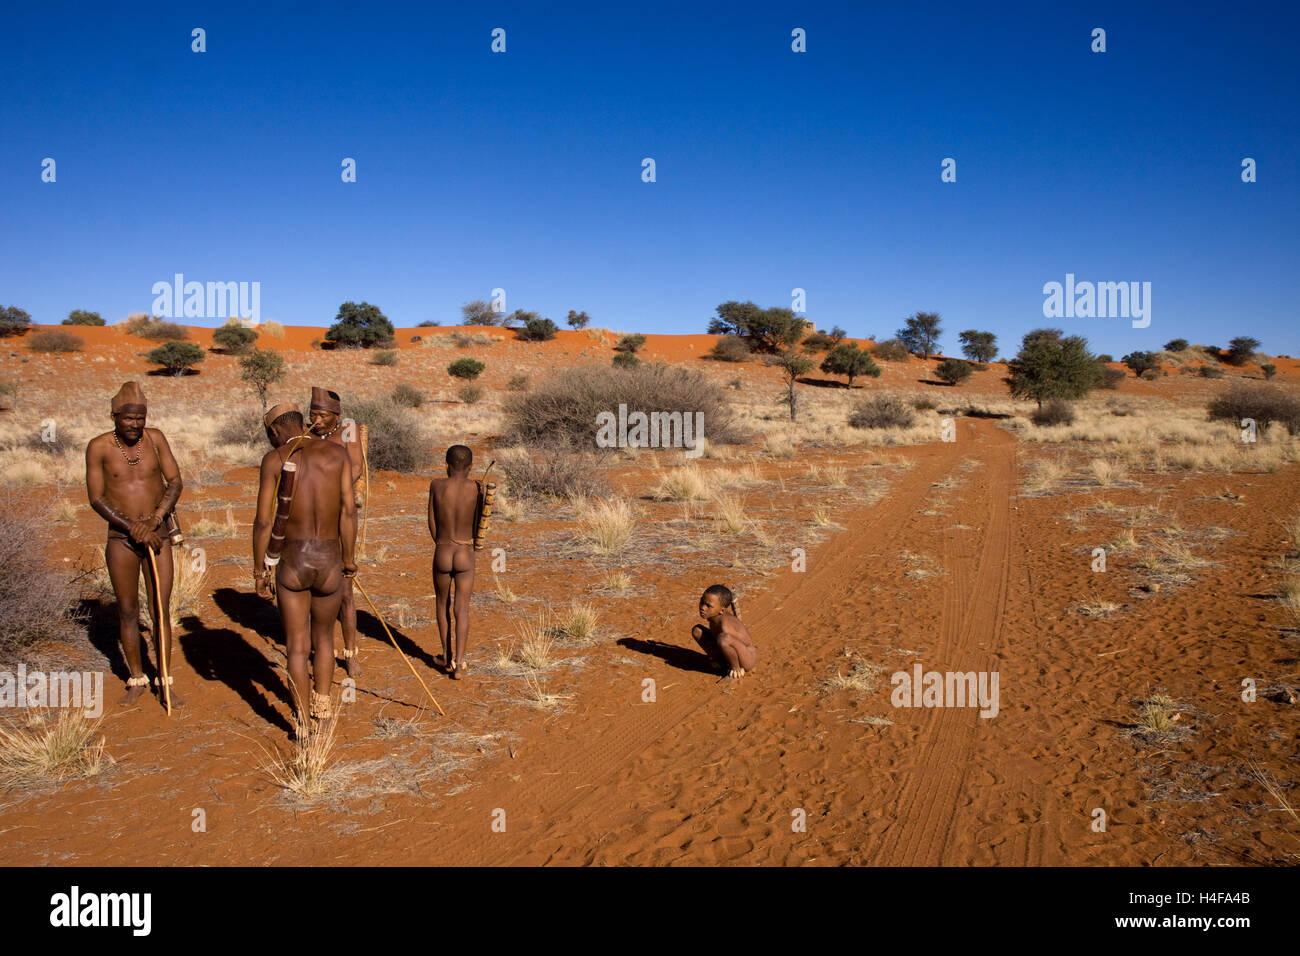 family of san bushmen in the desert of kalahari in central namibia - Stock Image